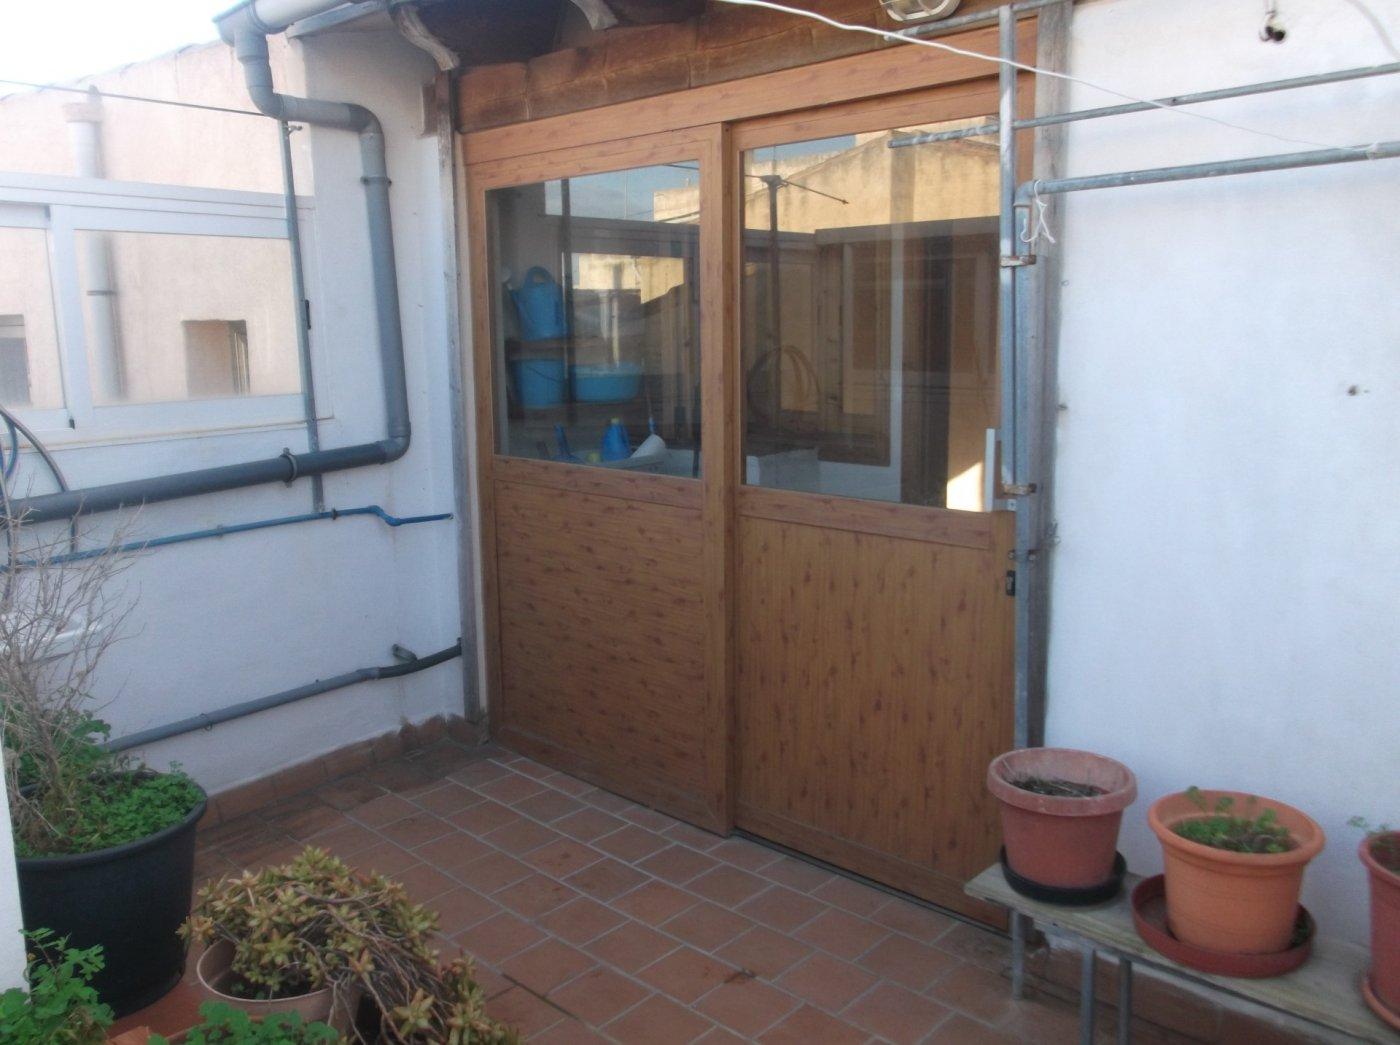 En venta casa de pueblo reformada 3 alturas estilo mallorquin centro llucmajor - imagenInmueble5